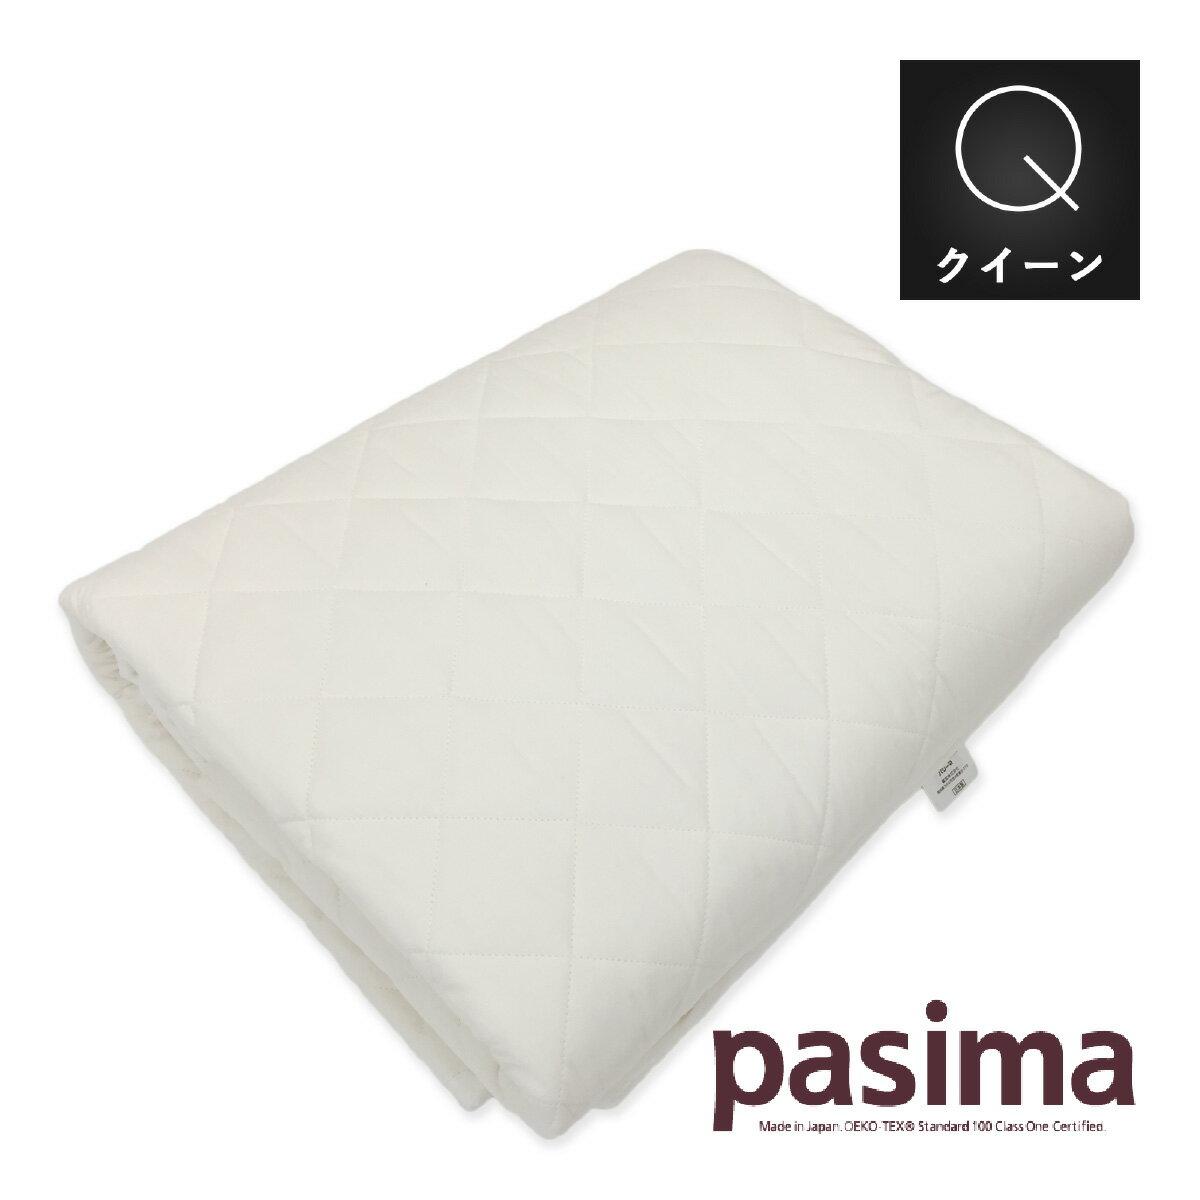 パシーマ パットシーツ敷きパッドタイプ シーツきなり クイーンロング 176×210cm